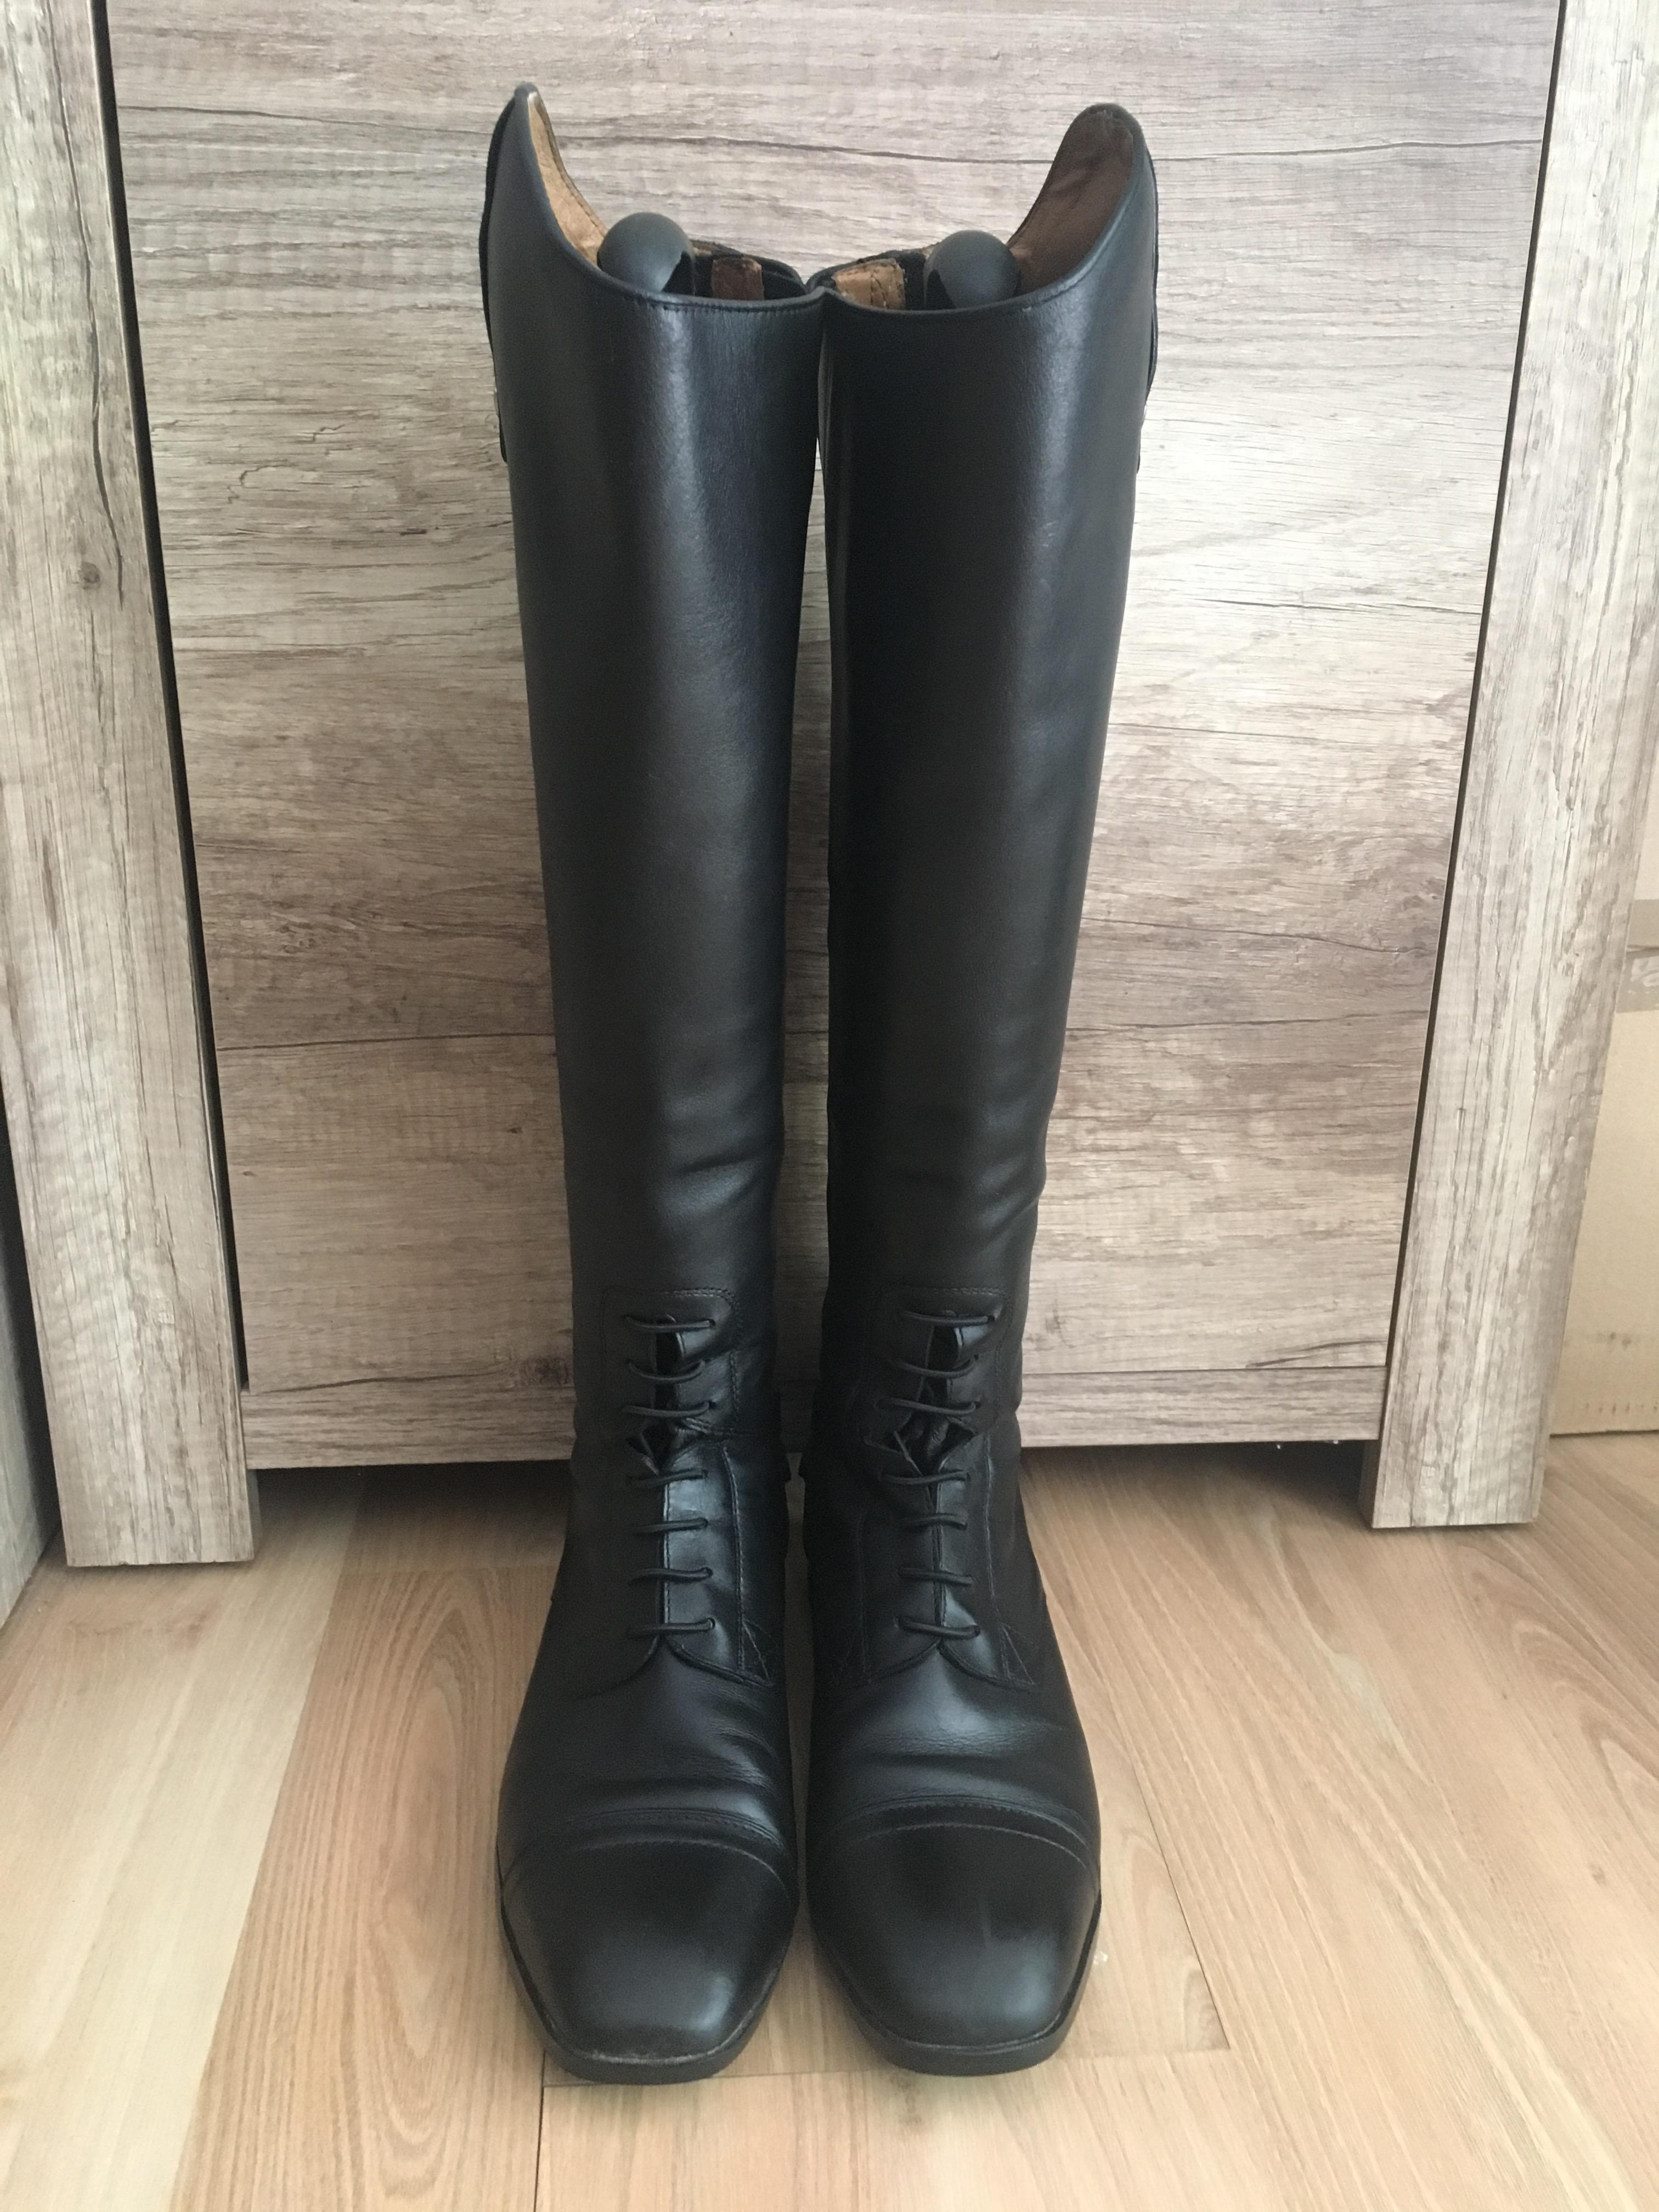 Ariat Challenge Top Boots